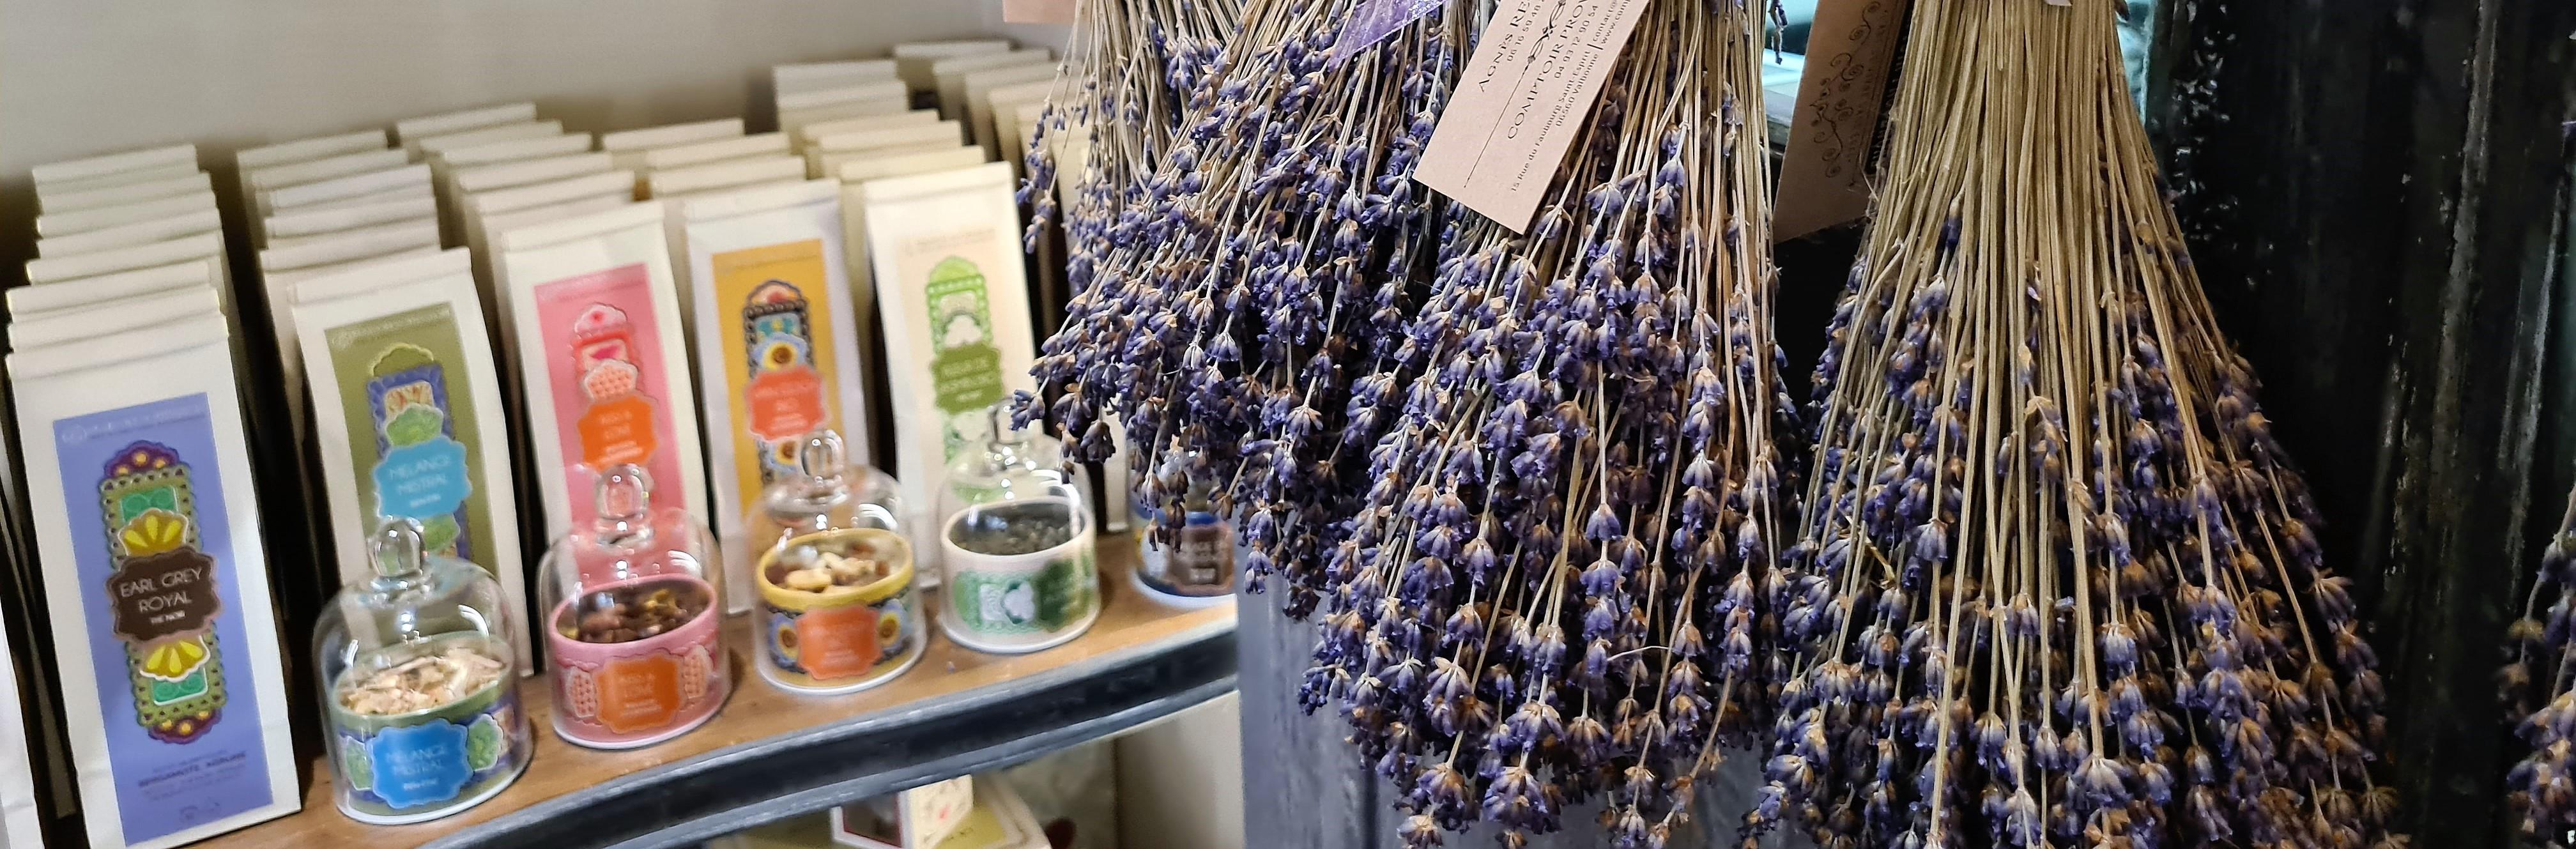 Un grand choix de thés, rooibos, infusions gourmandes préparés avec amours du côté de Salon de Provence par la Maison Bourgeon.